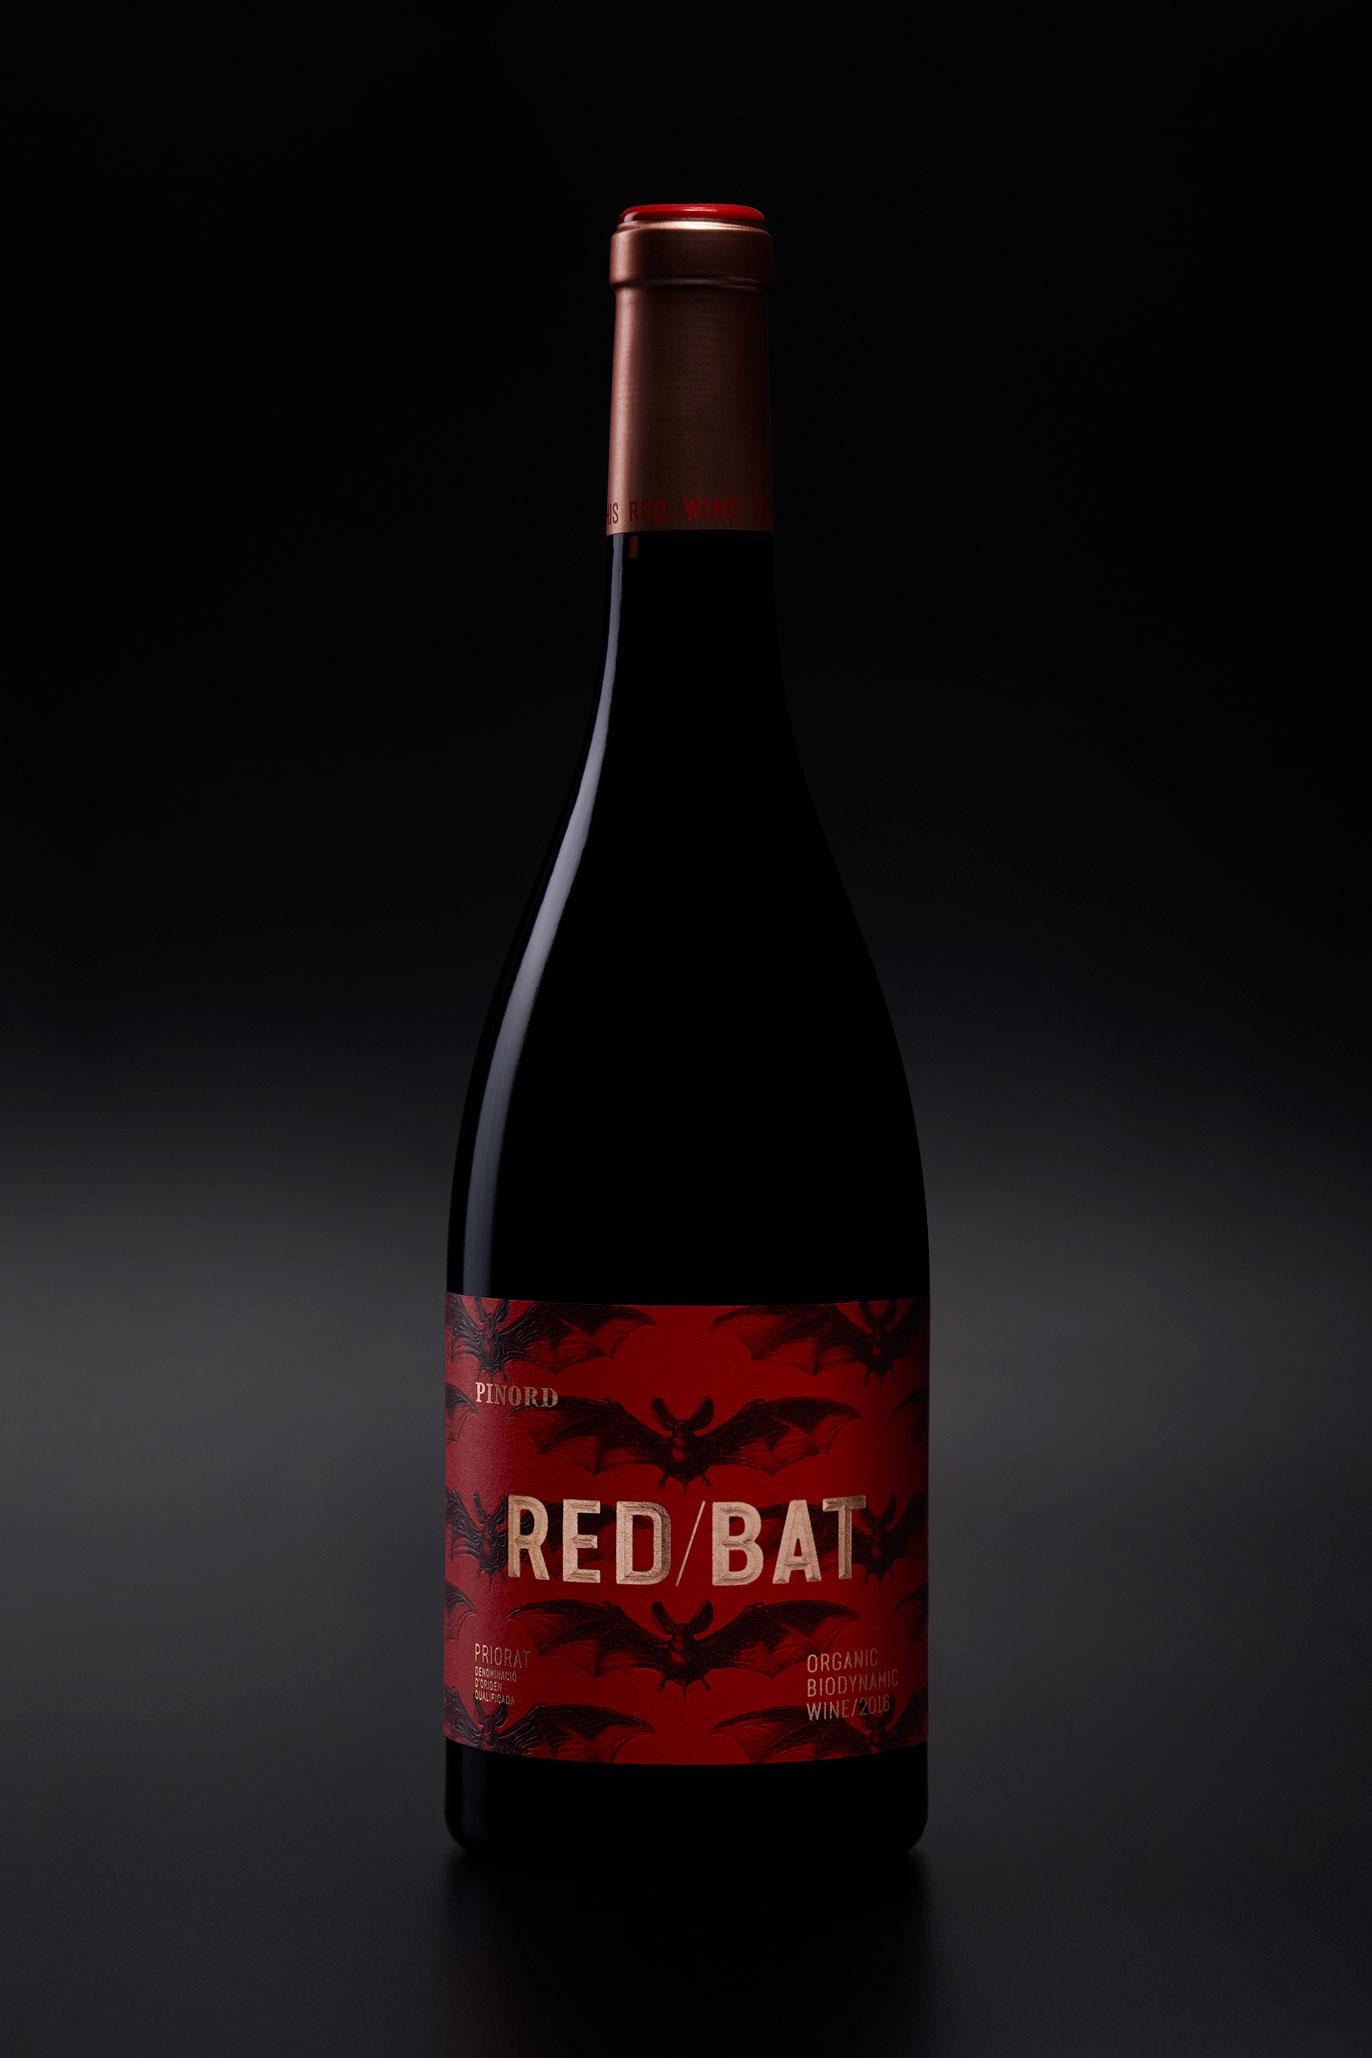 Pinord Red Bat vi disseny d'etiqueta branding naming gran consum packaging disseny gràfic Vibranding